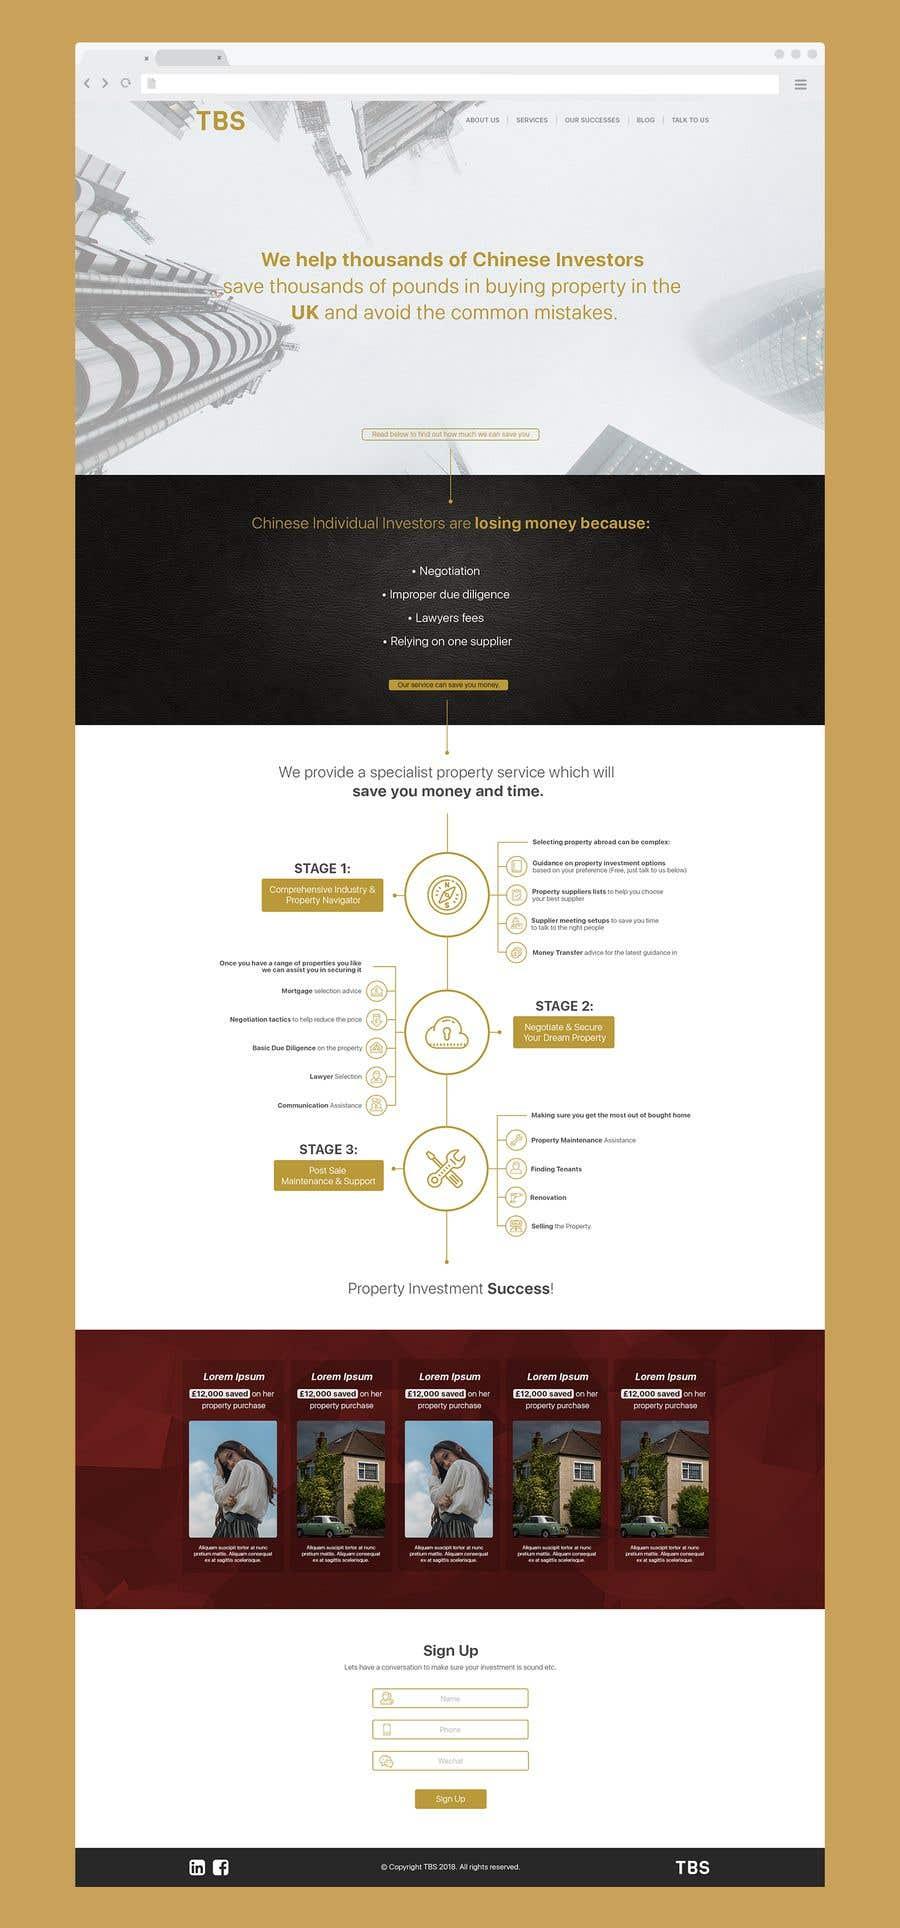 Penyertaan Peraduan #37 untuk Design a New Website Mockup (Just Design, No Code)!